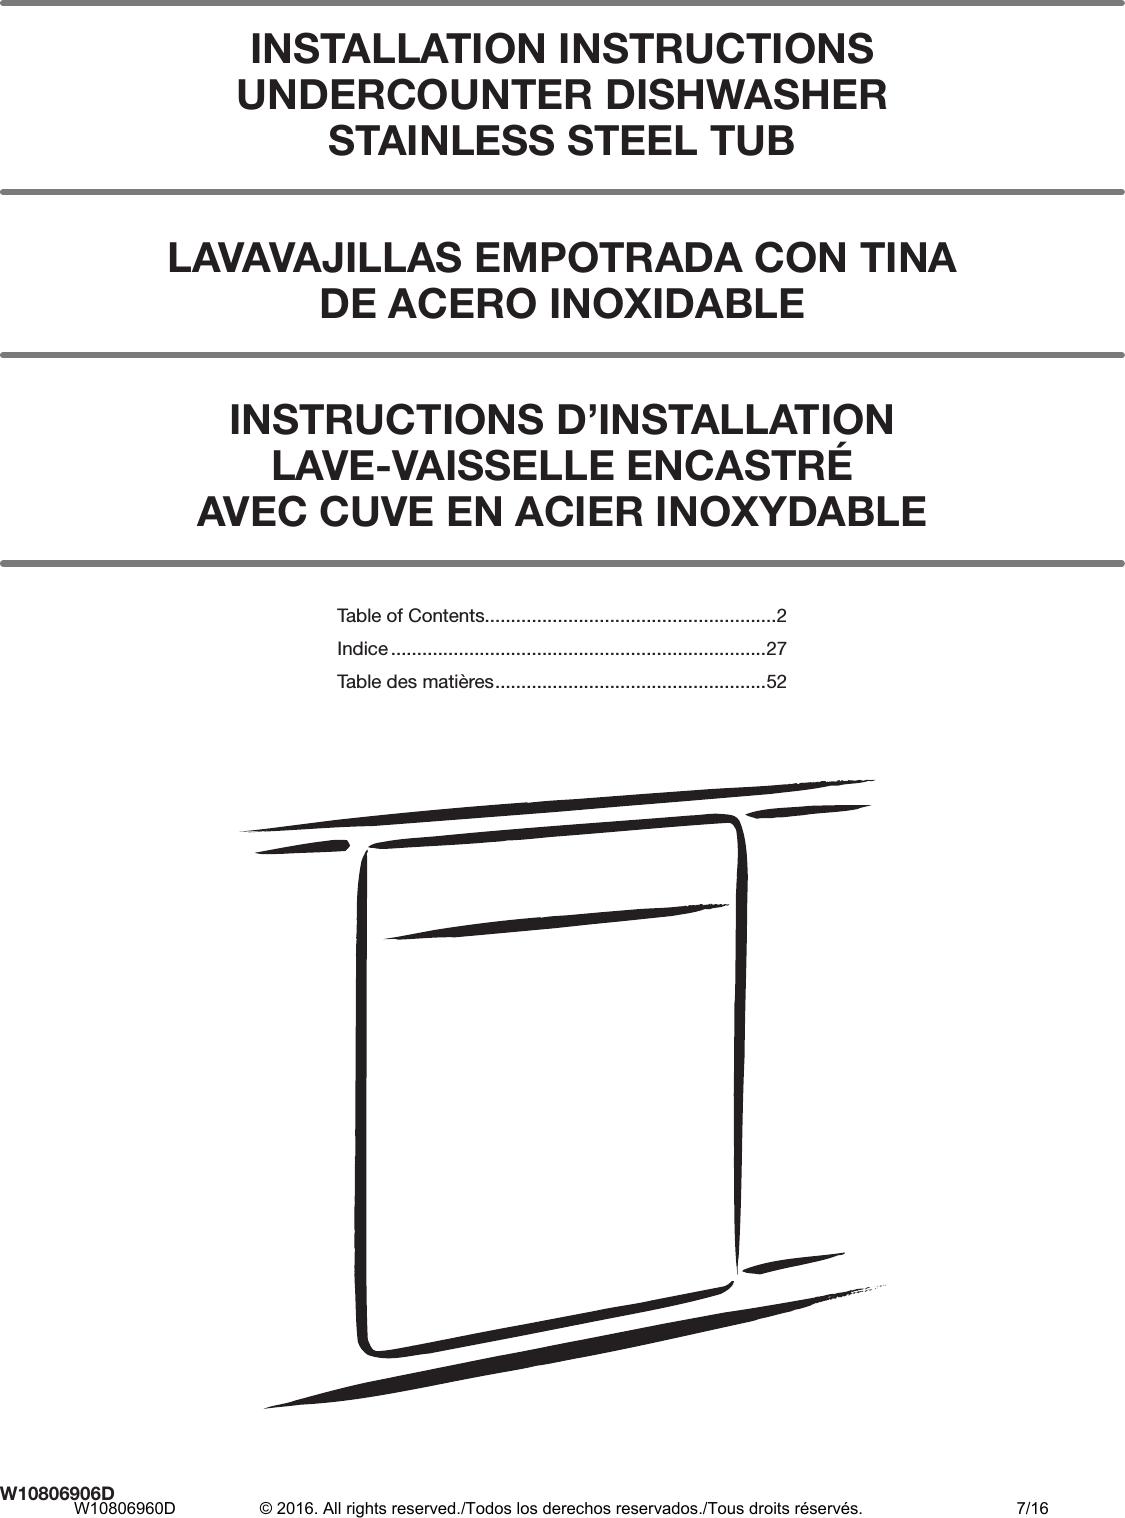 Kitchenaid Dishwasher Kdte104ess Manual Manual Guide